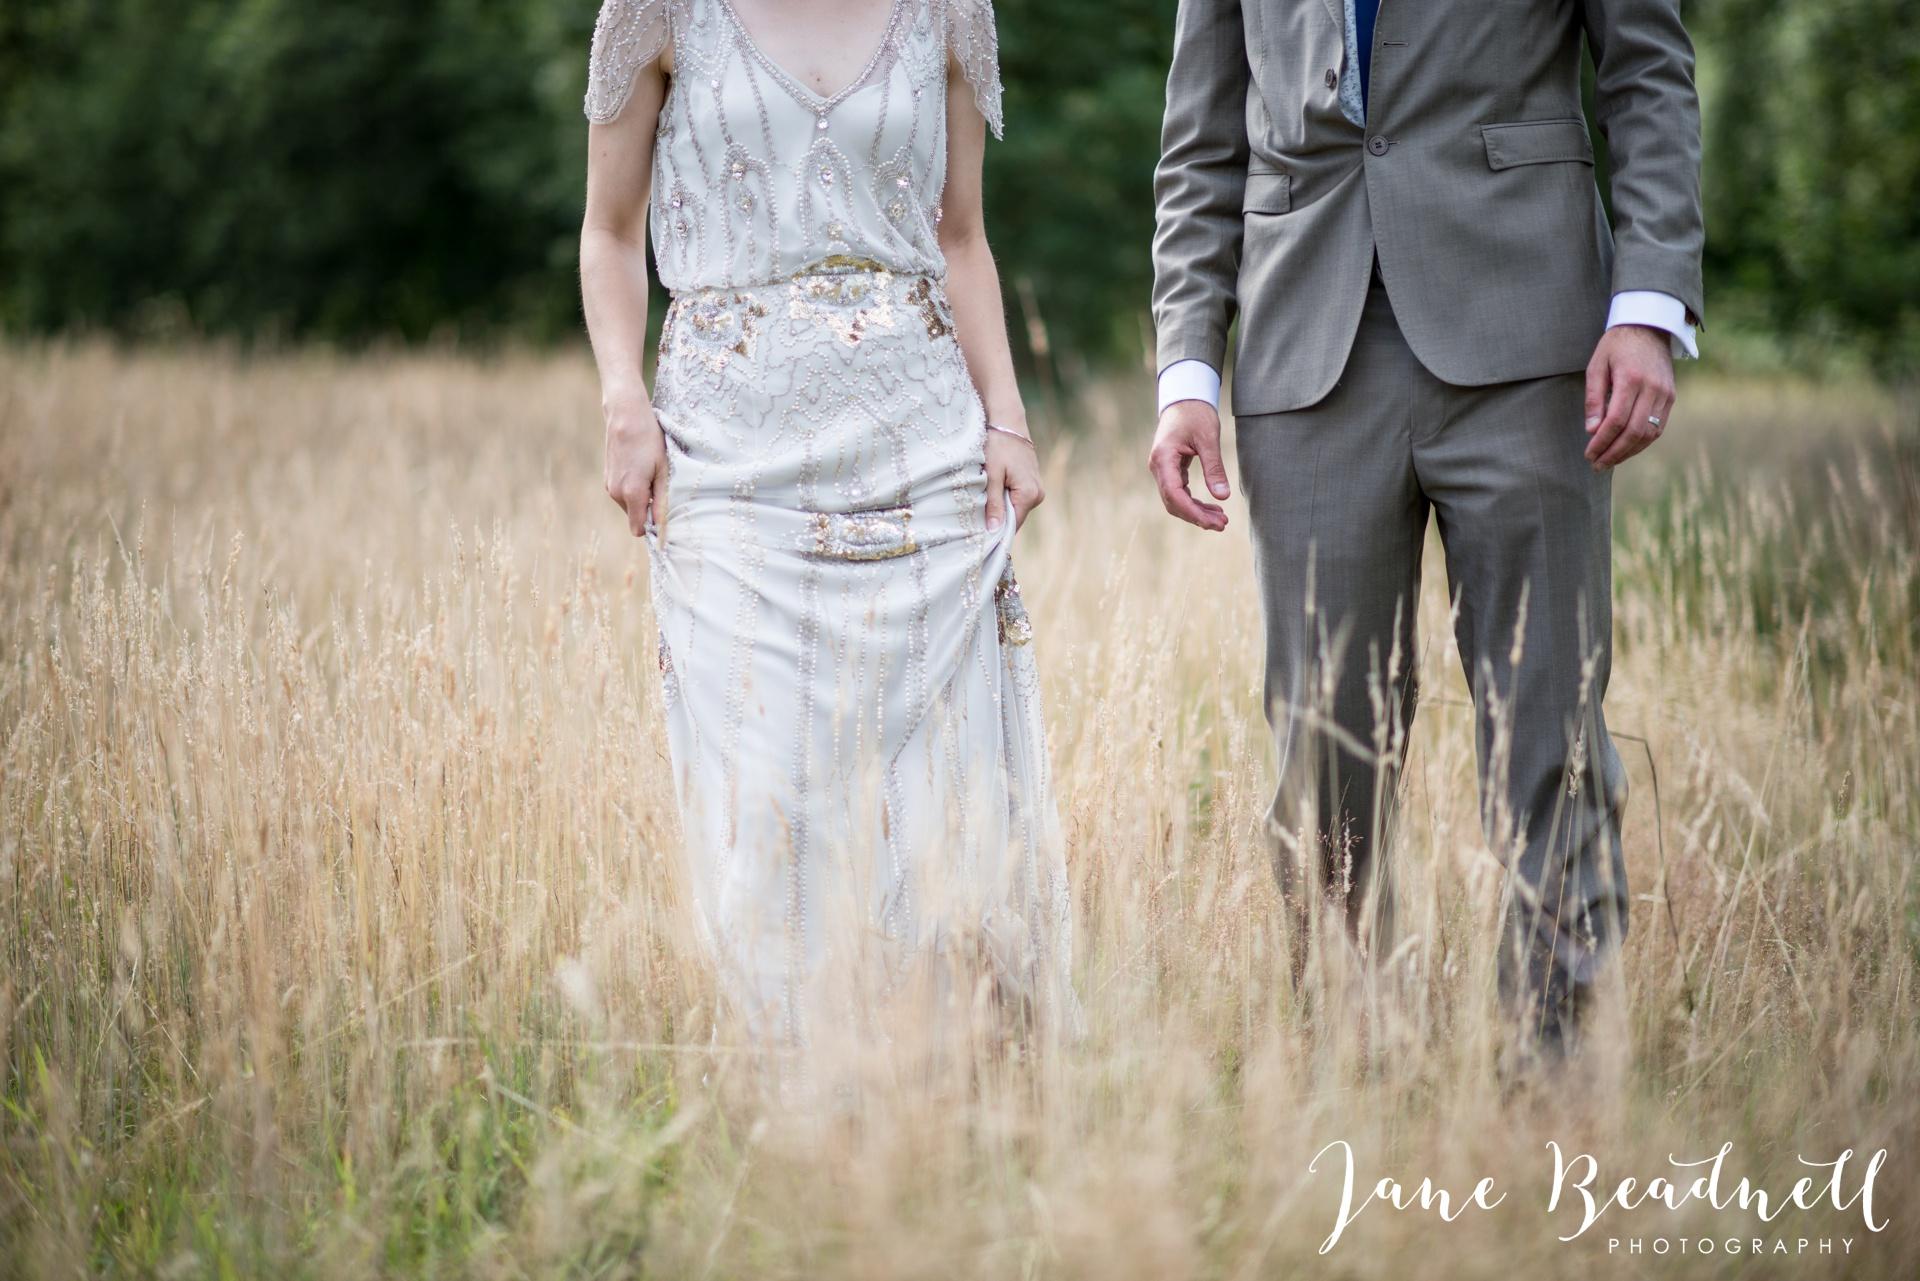 creative wedding photographer Leeds Jane Beadnell wedding photographer_0008